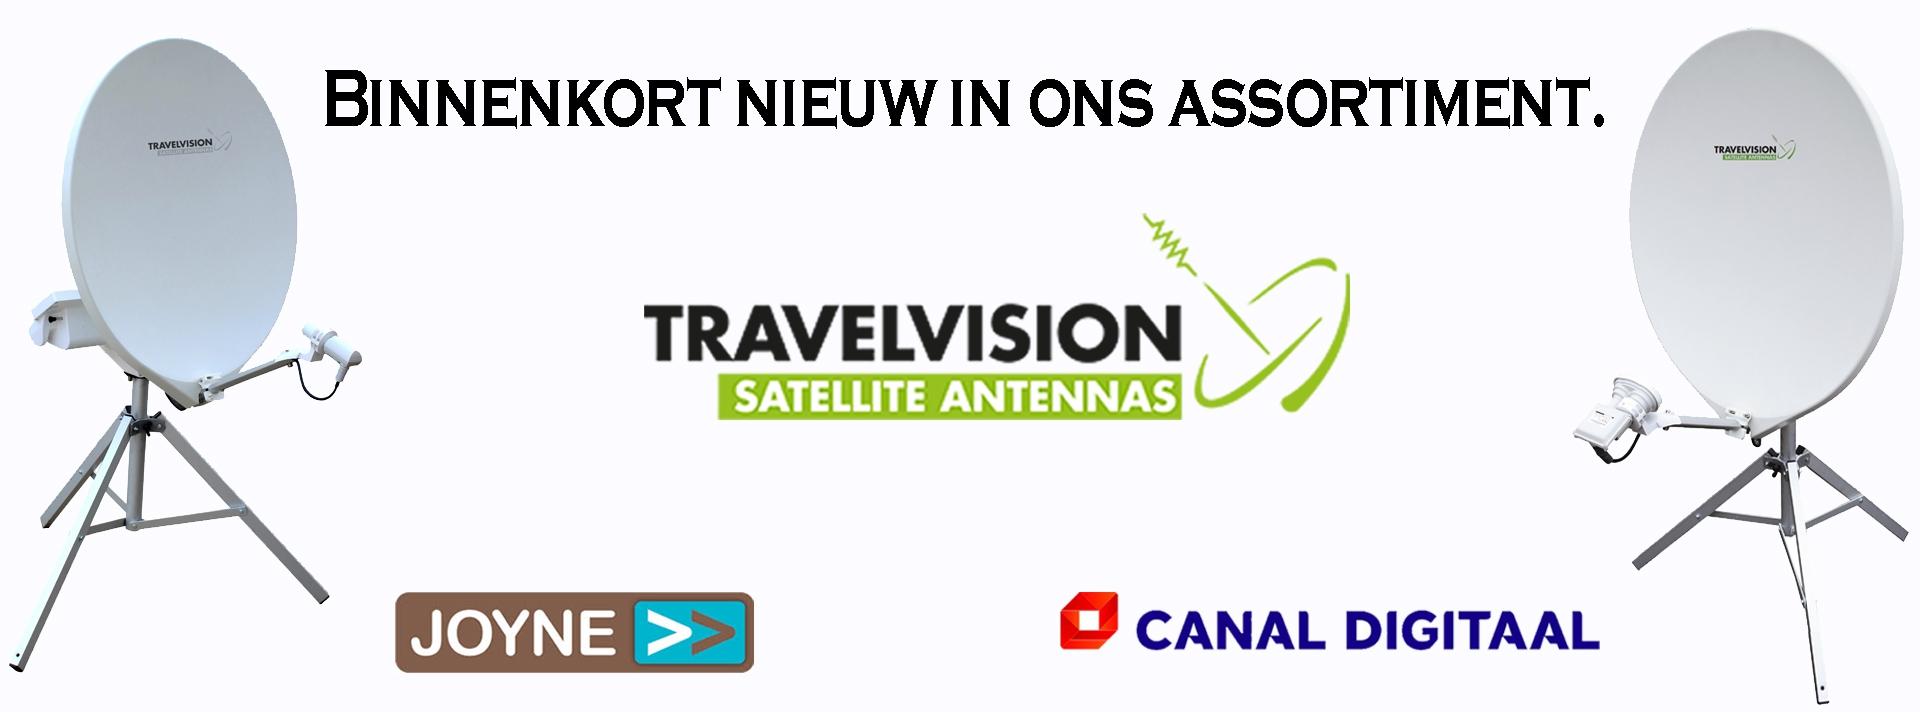 travel-vision.com